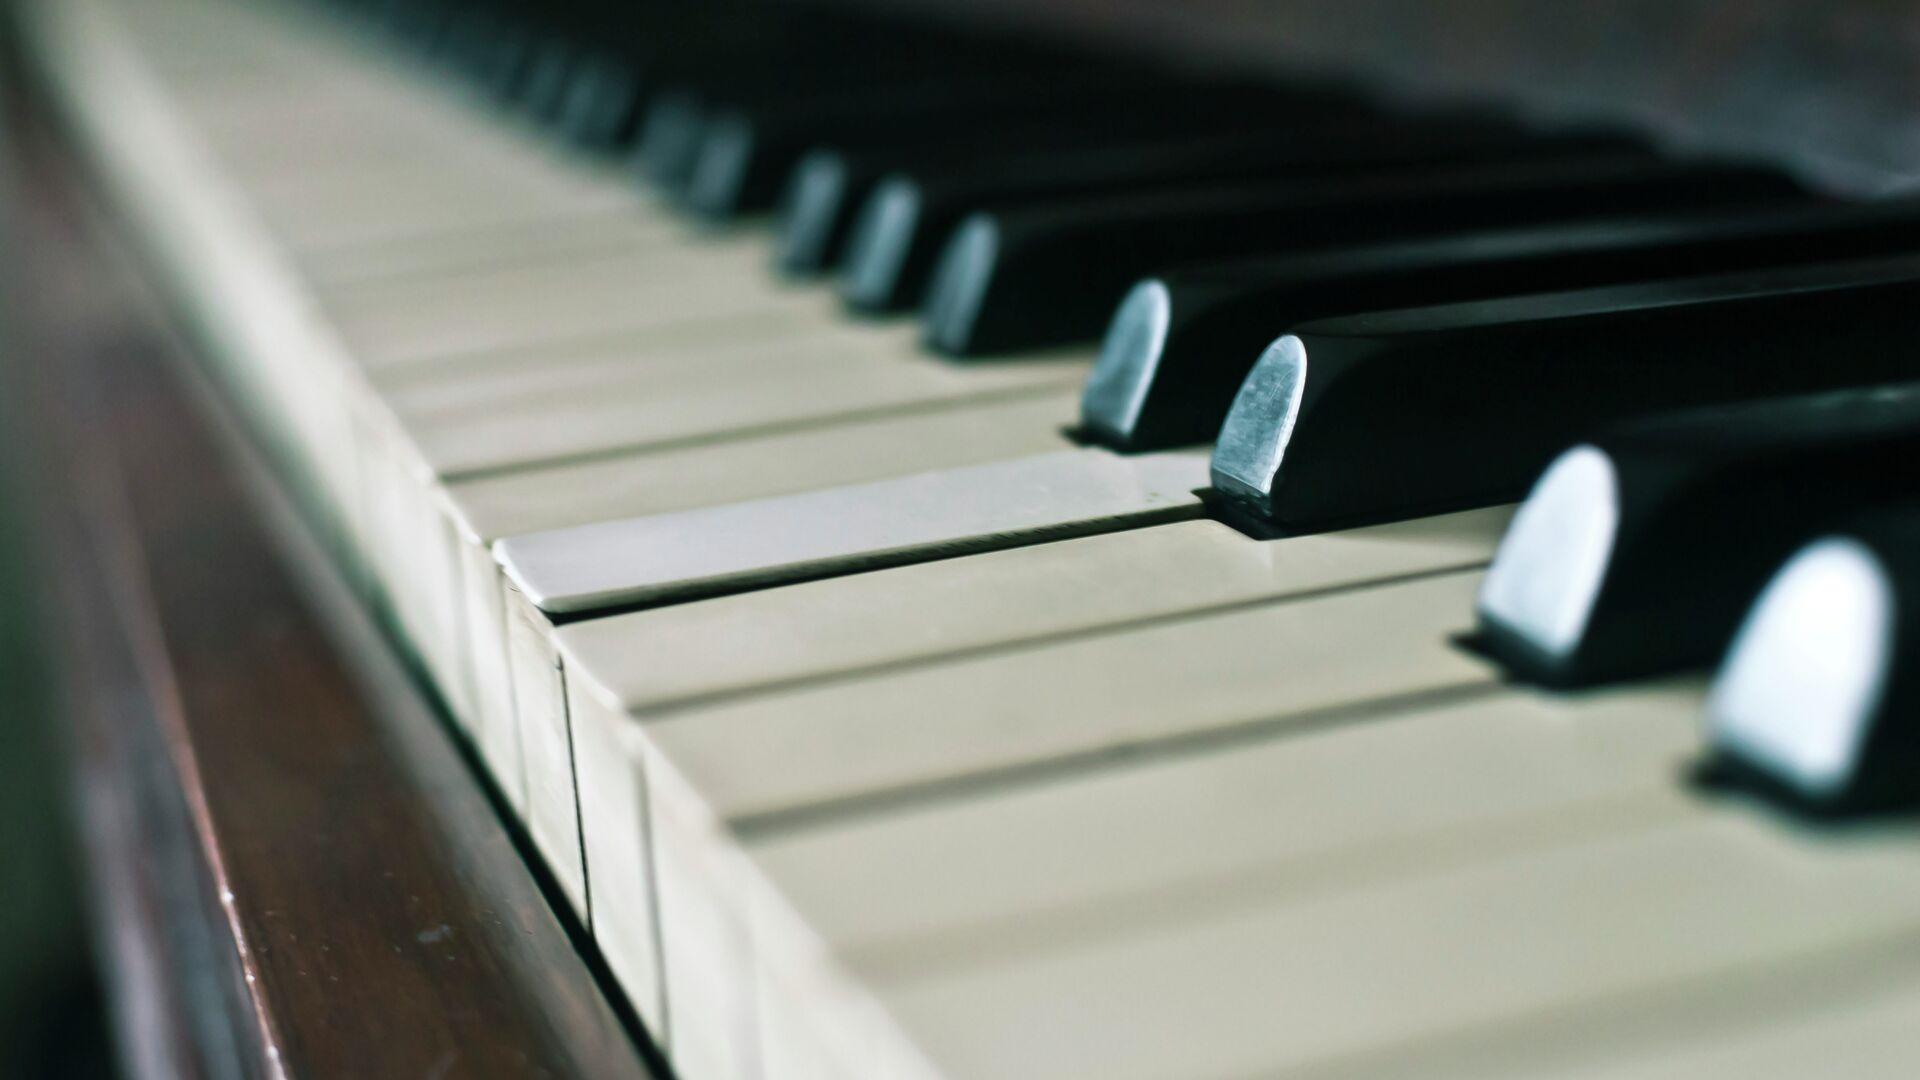 Клавиши рояля  - Sputnik Грузия, 1920, 05.10.2021